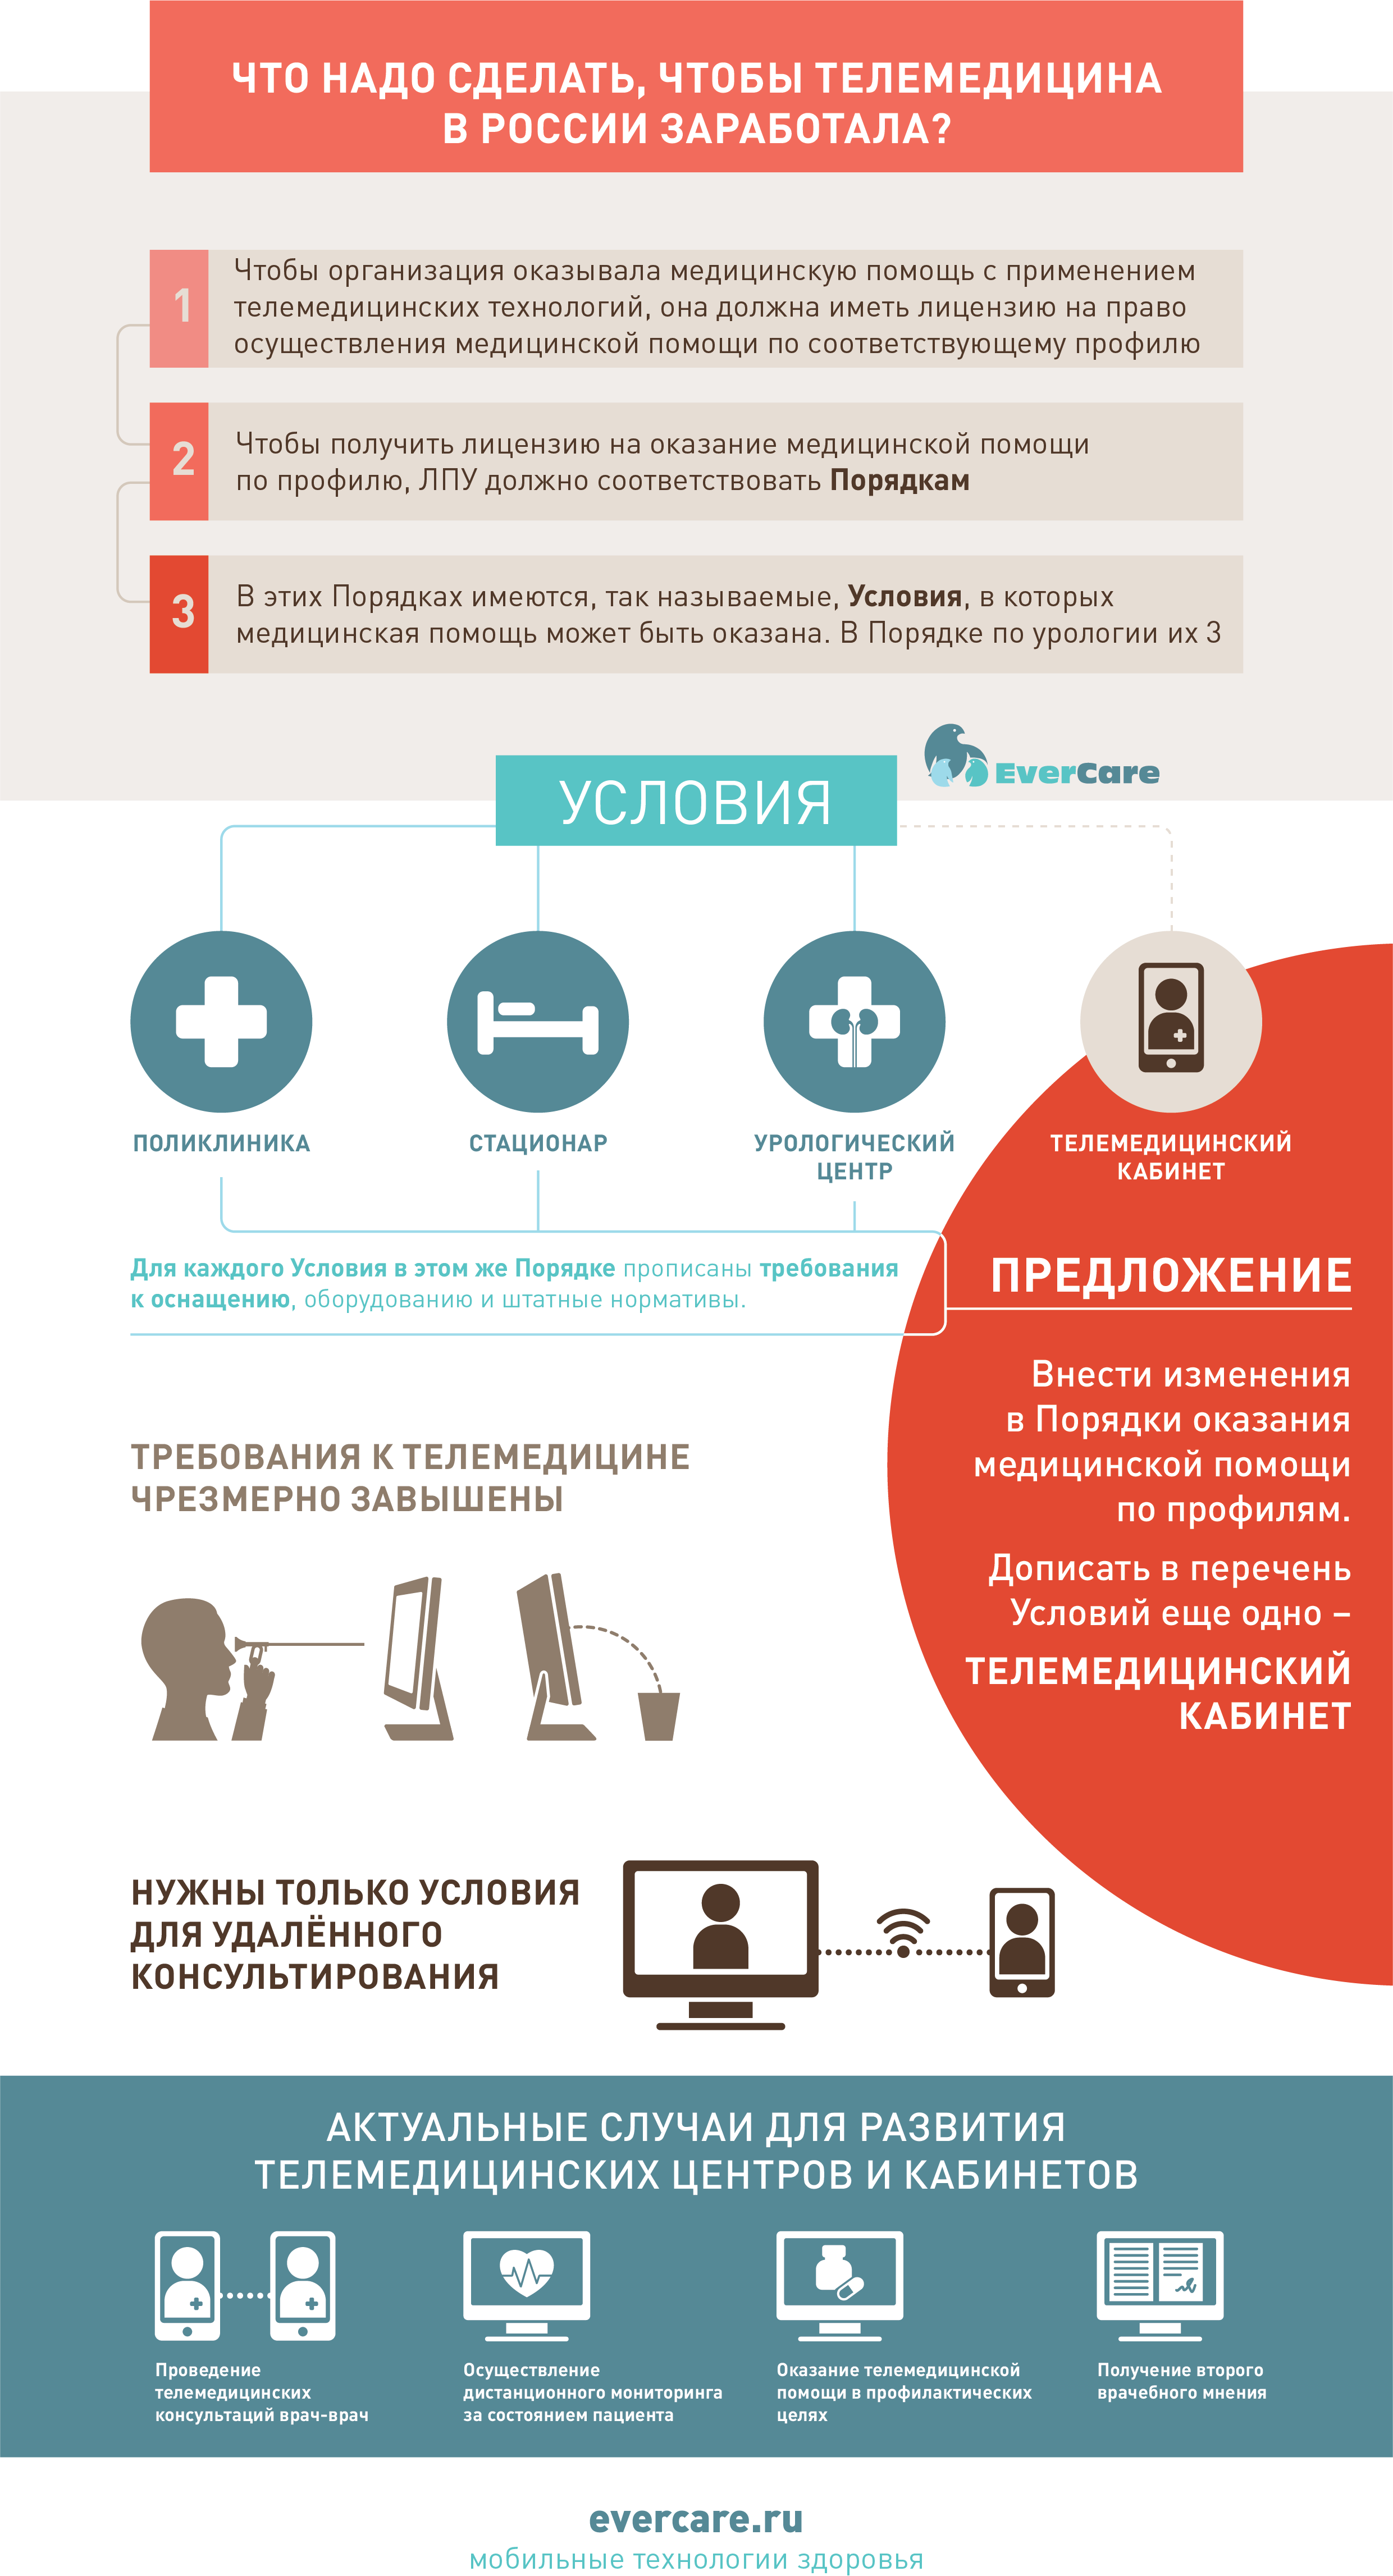 телемедицина в России, телемедицинский кабинет, порядки оказания медицинской помощи